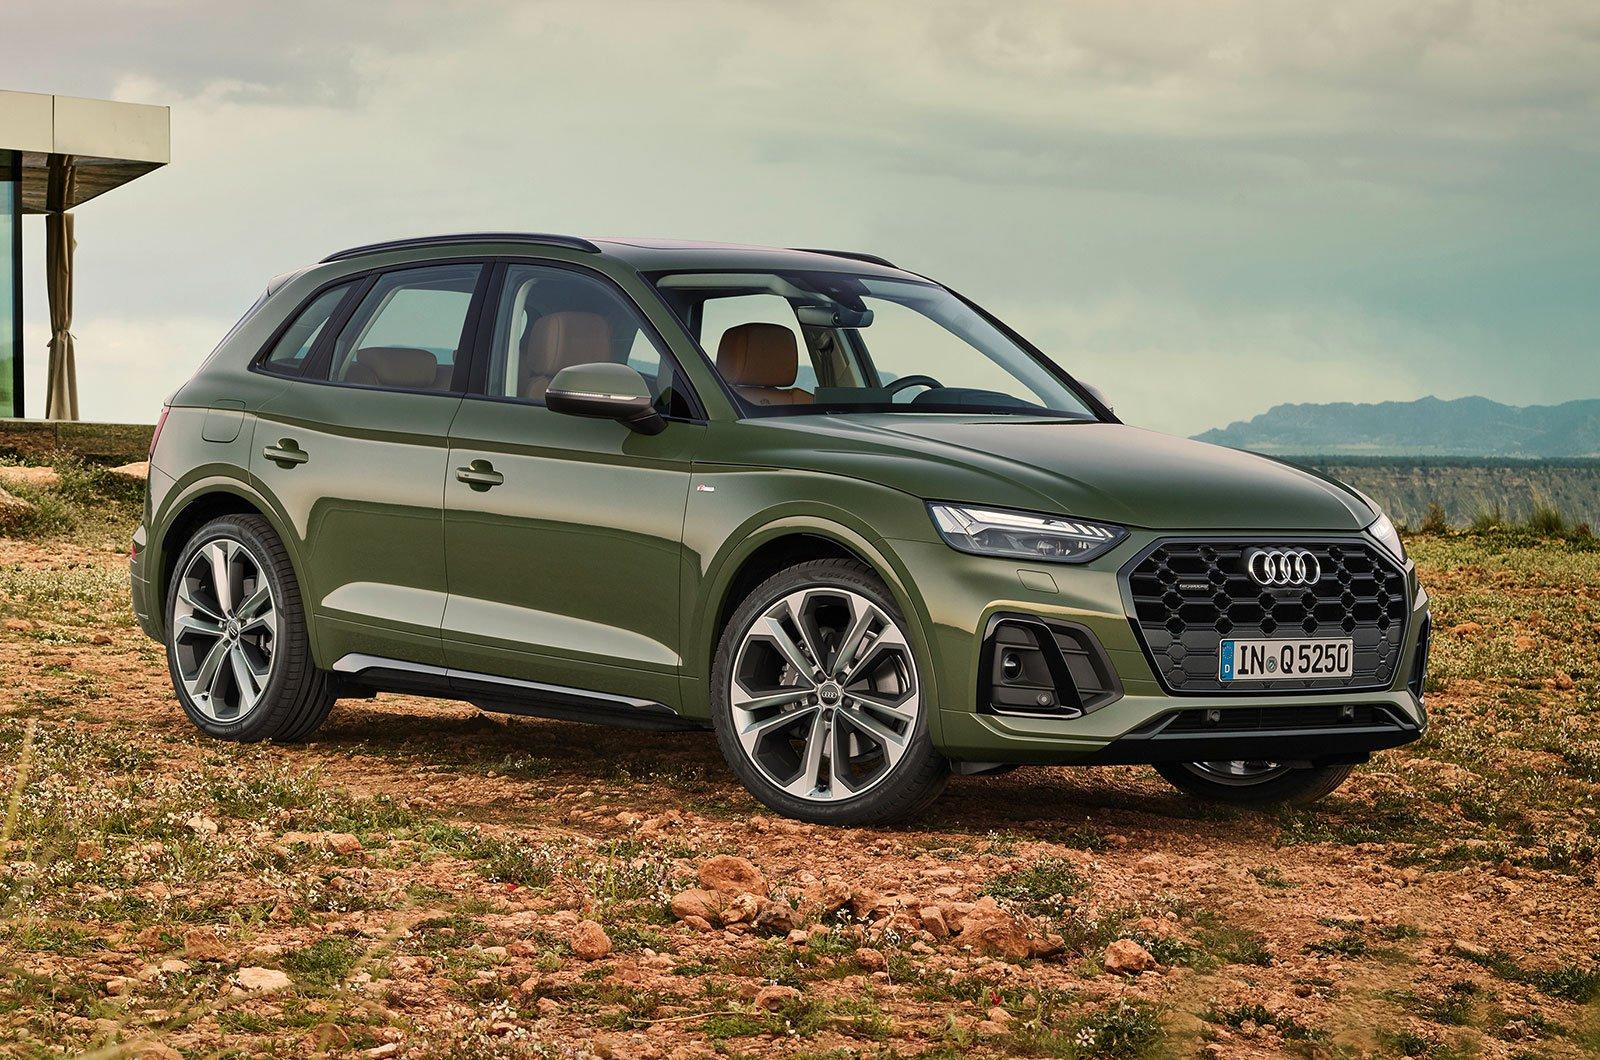 2020 Audi Q5 front